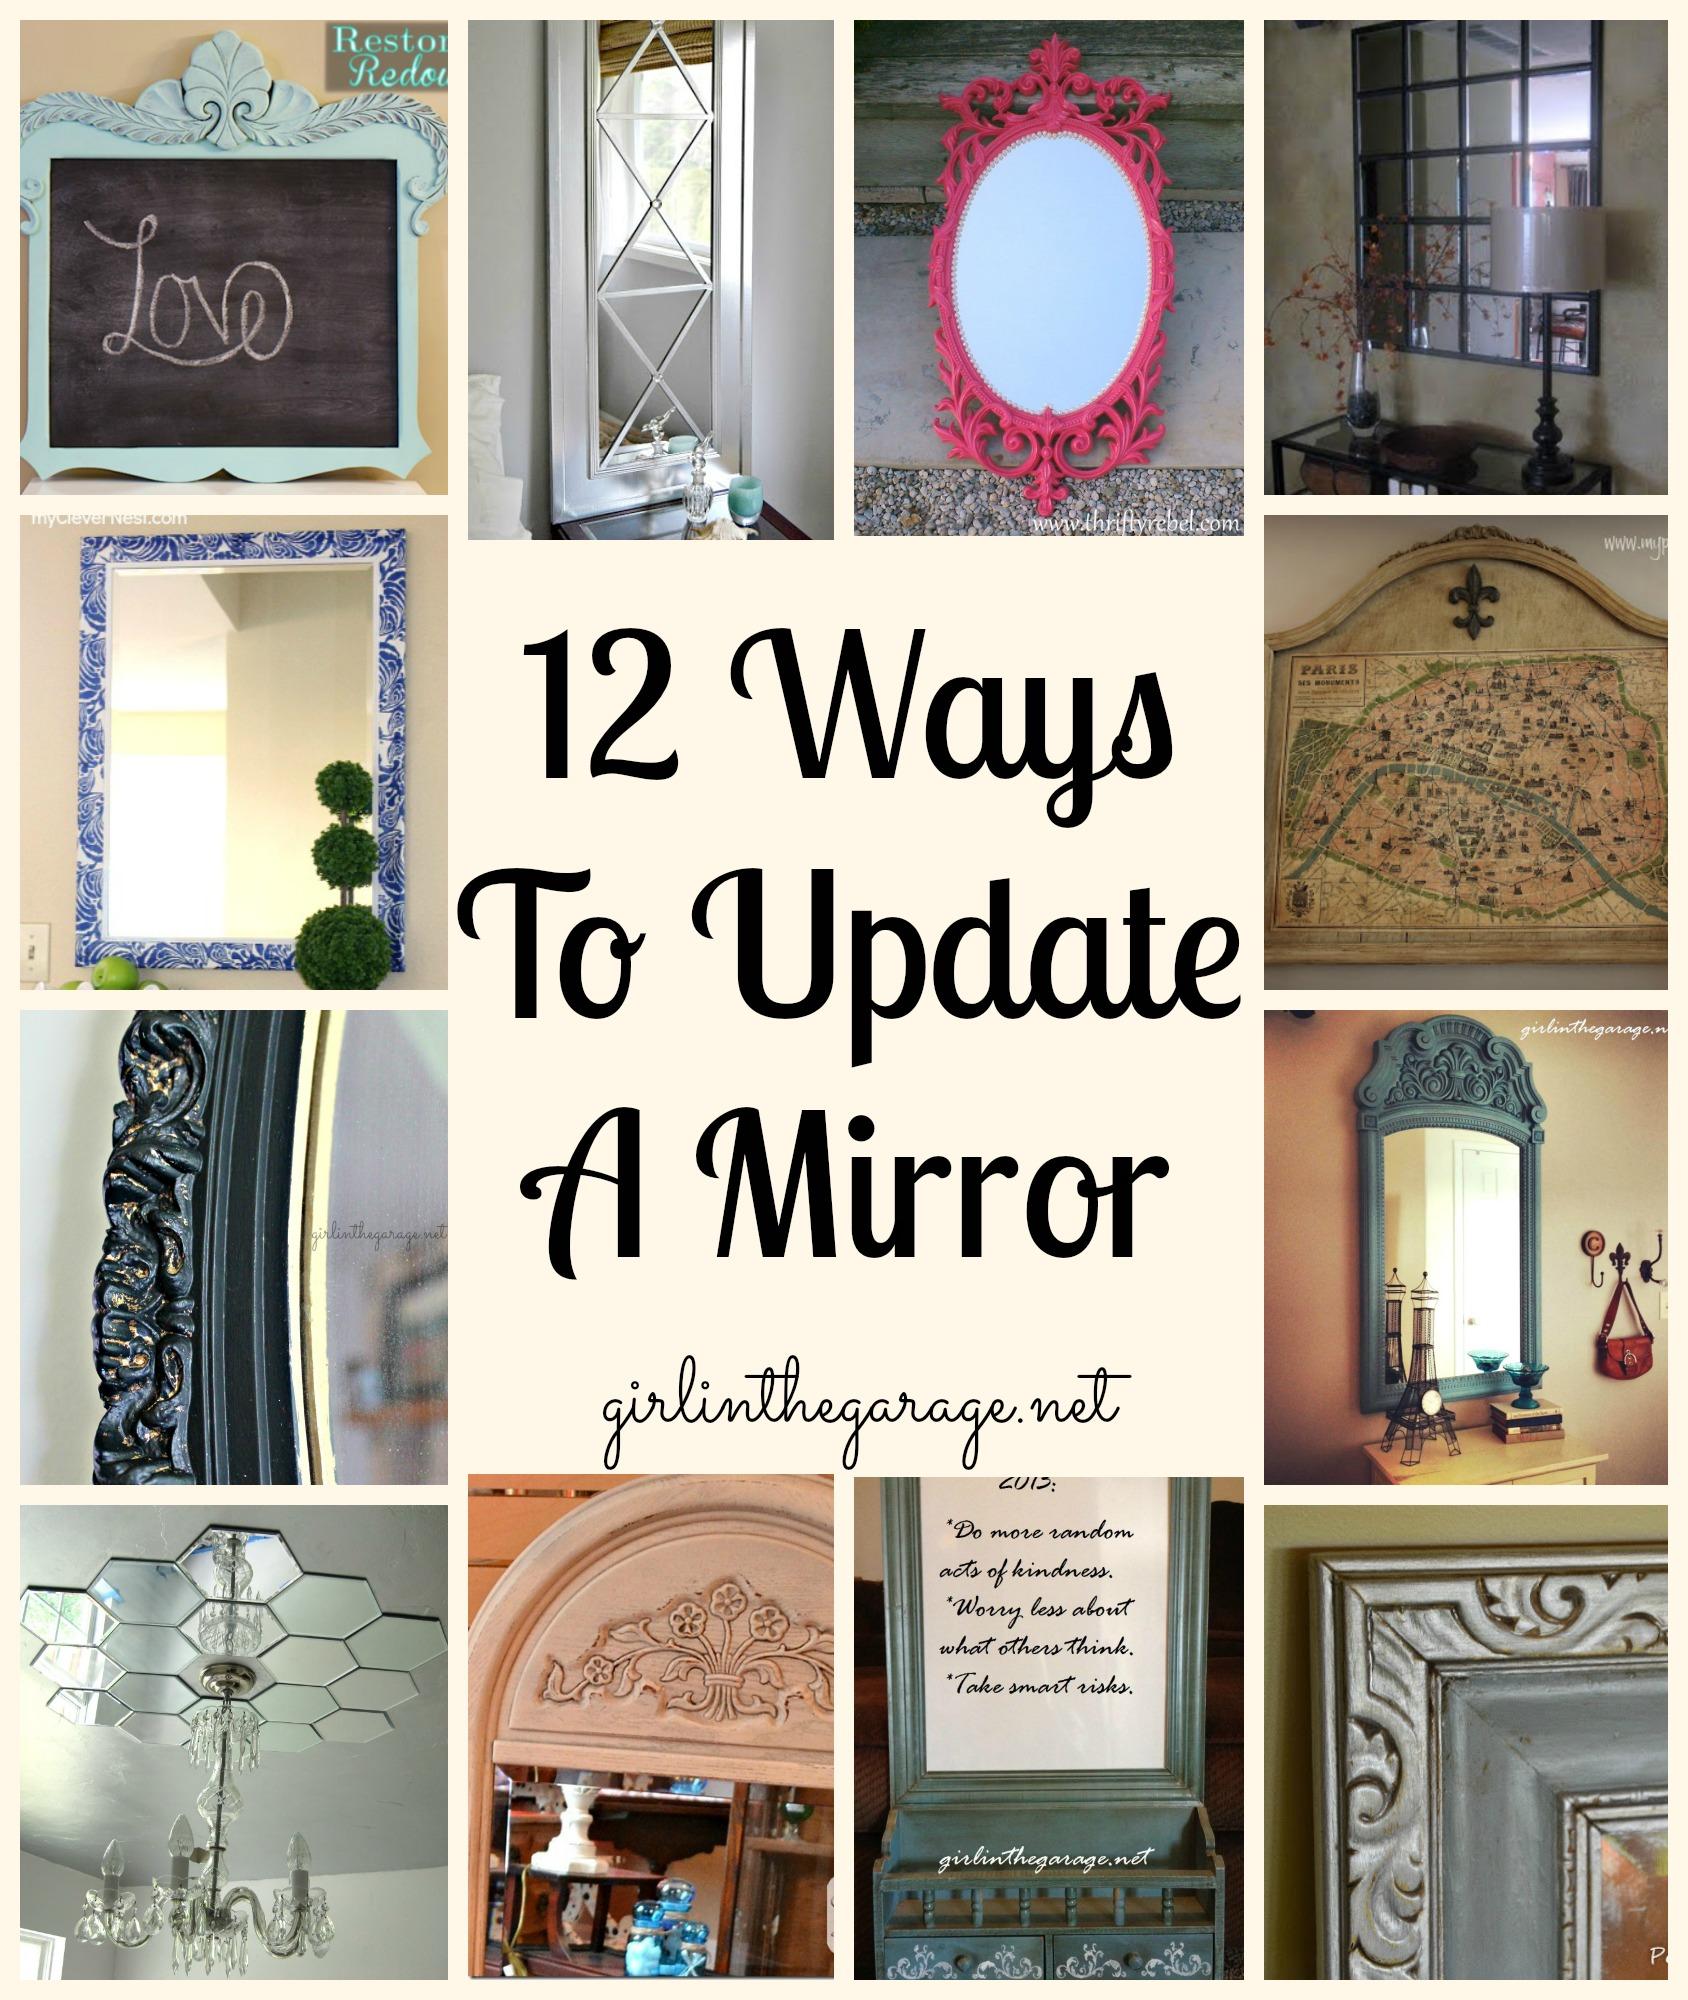 12 Ways To Update A Mirror